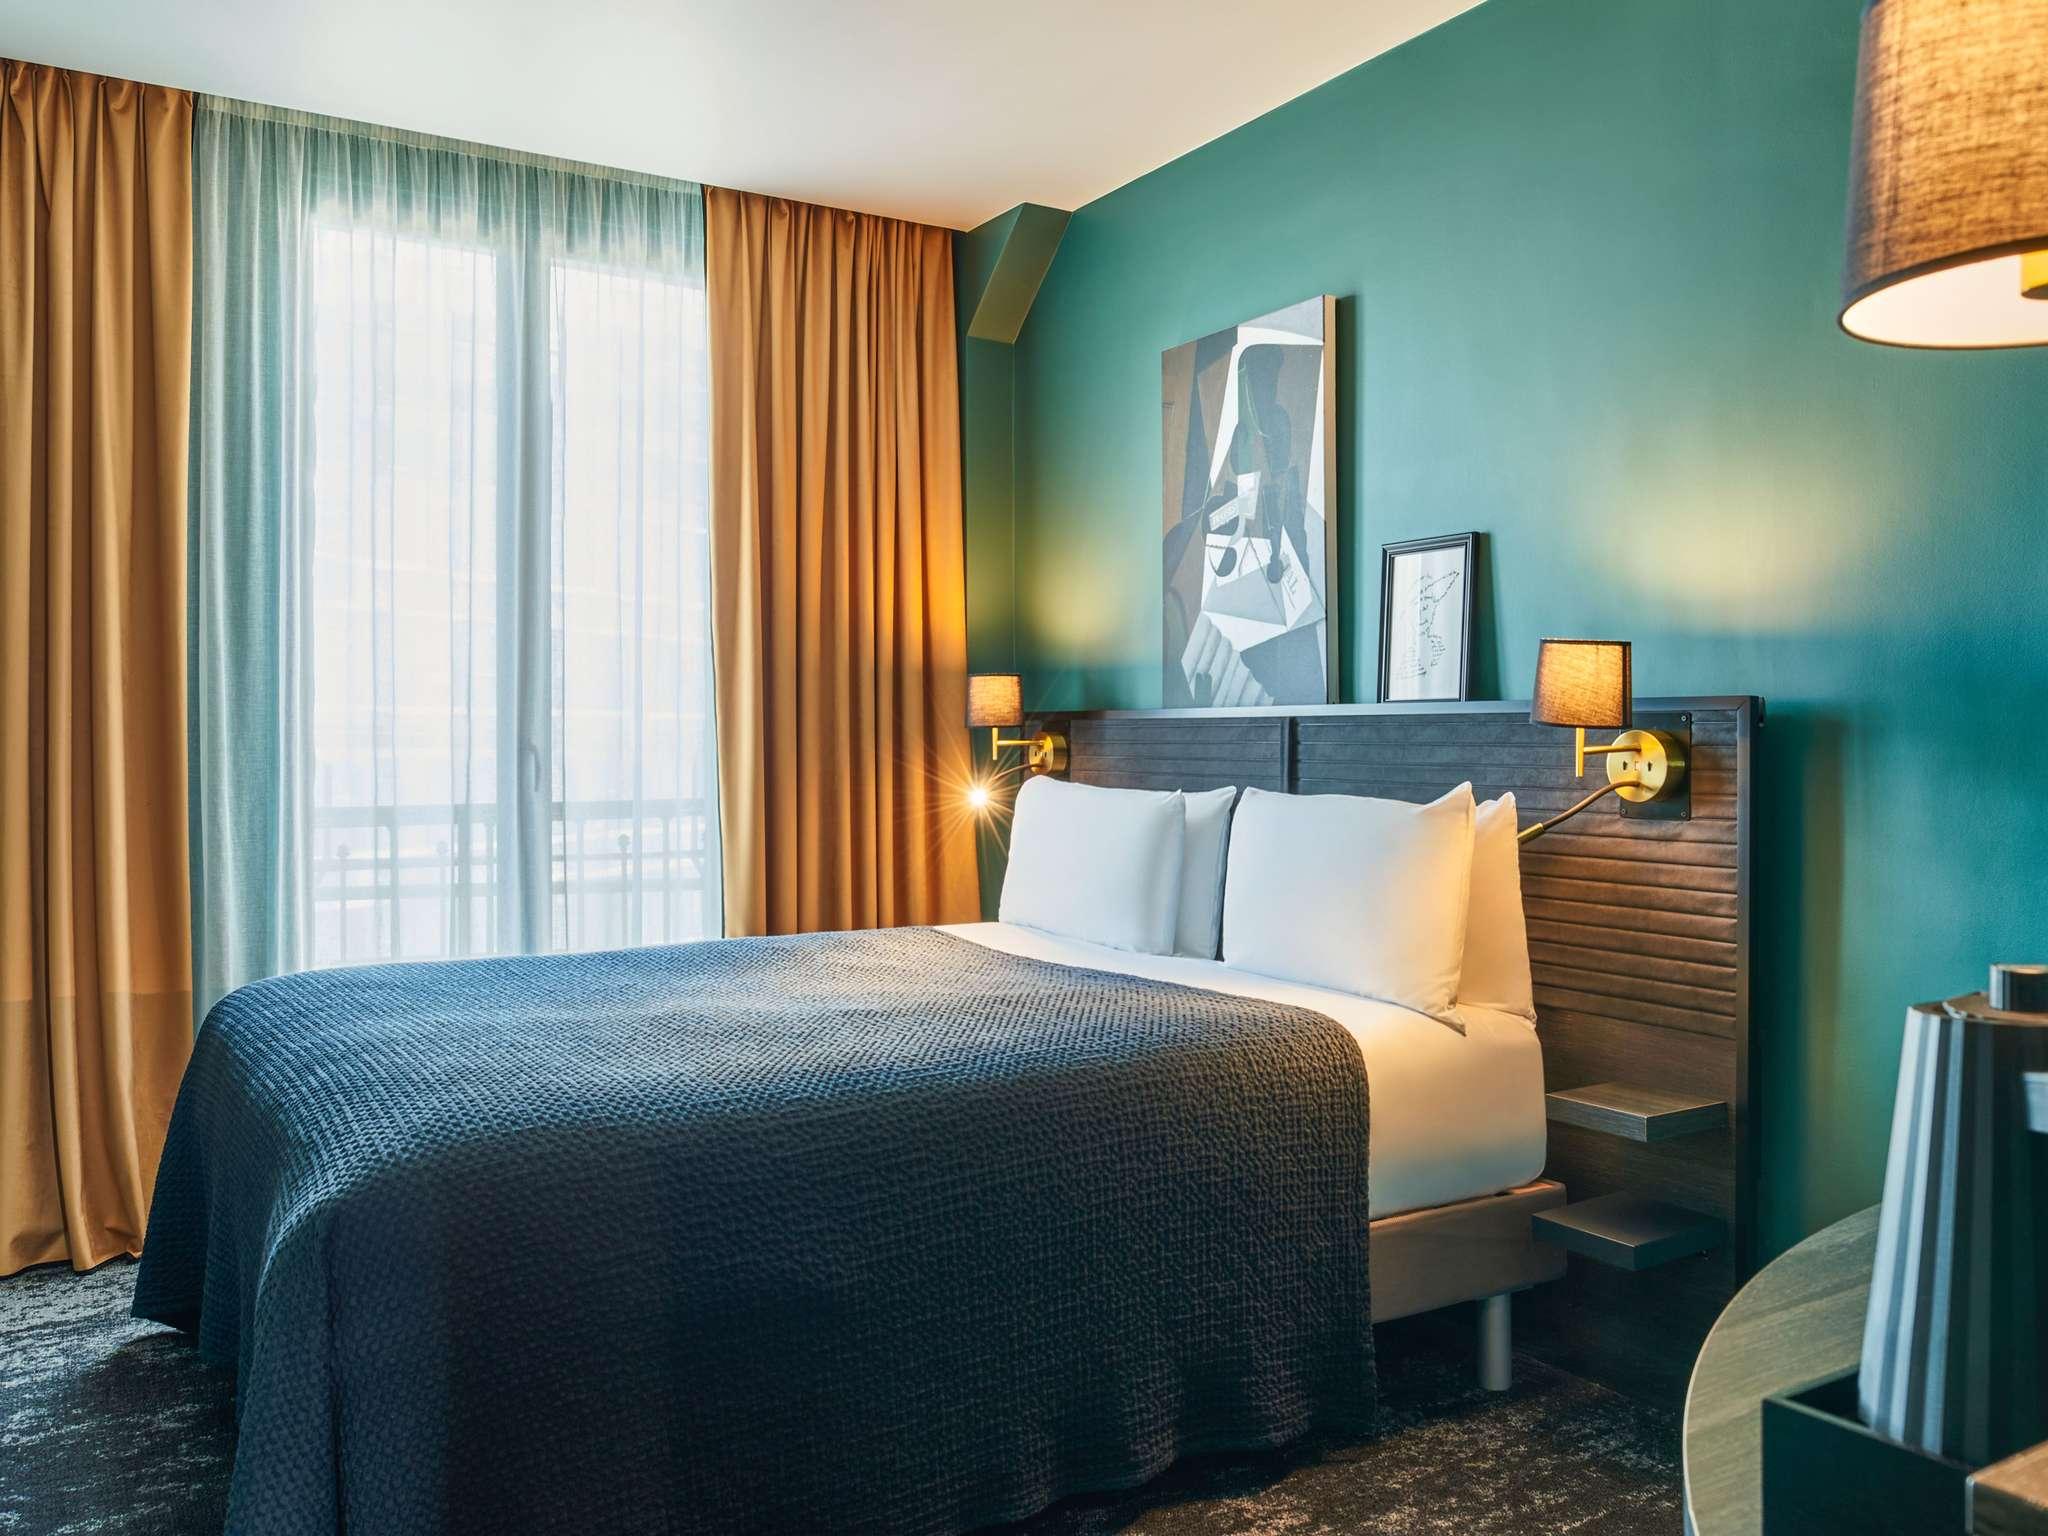 Hôtel - Hôtel Mercure Paris Tour Eiffel Pont Mirabeau